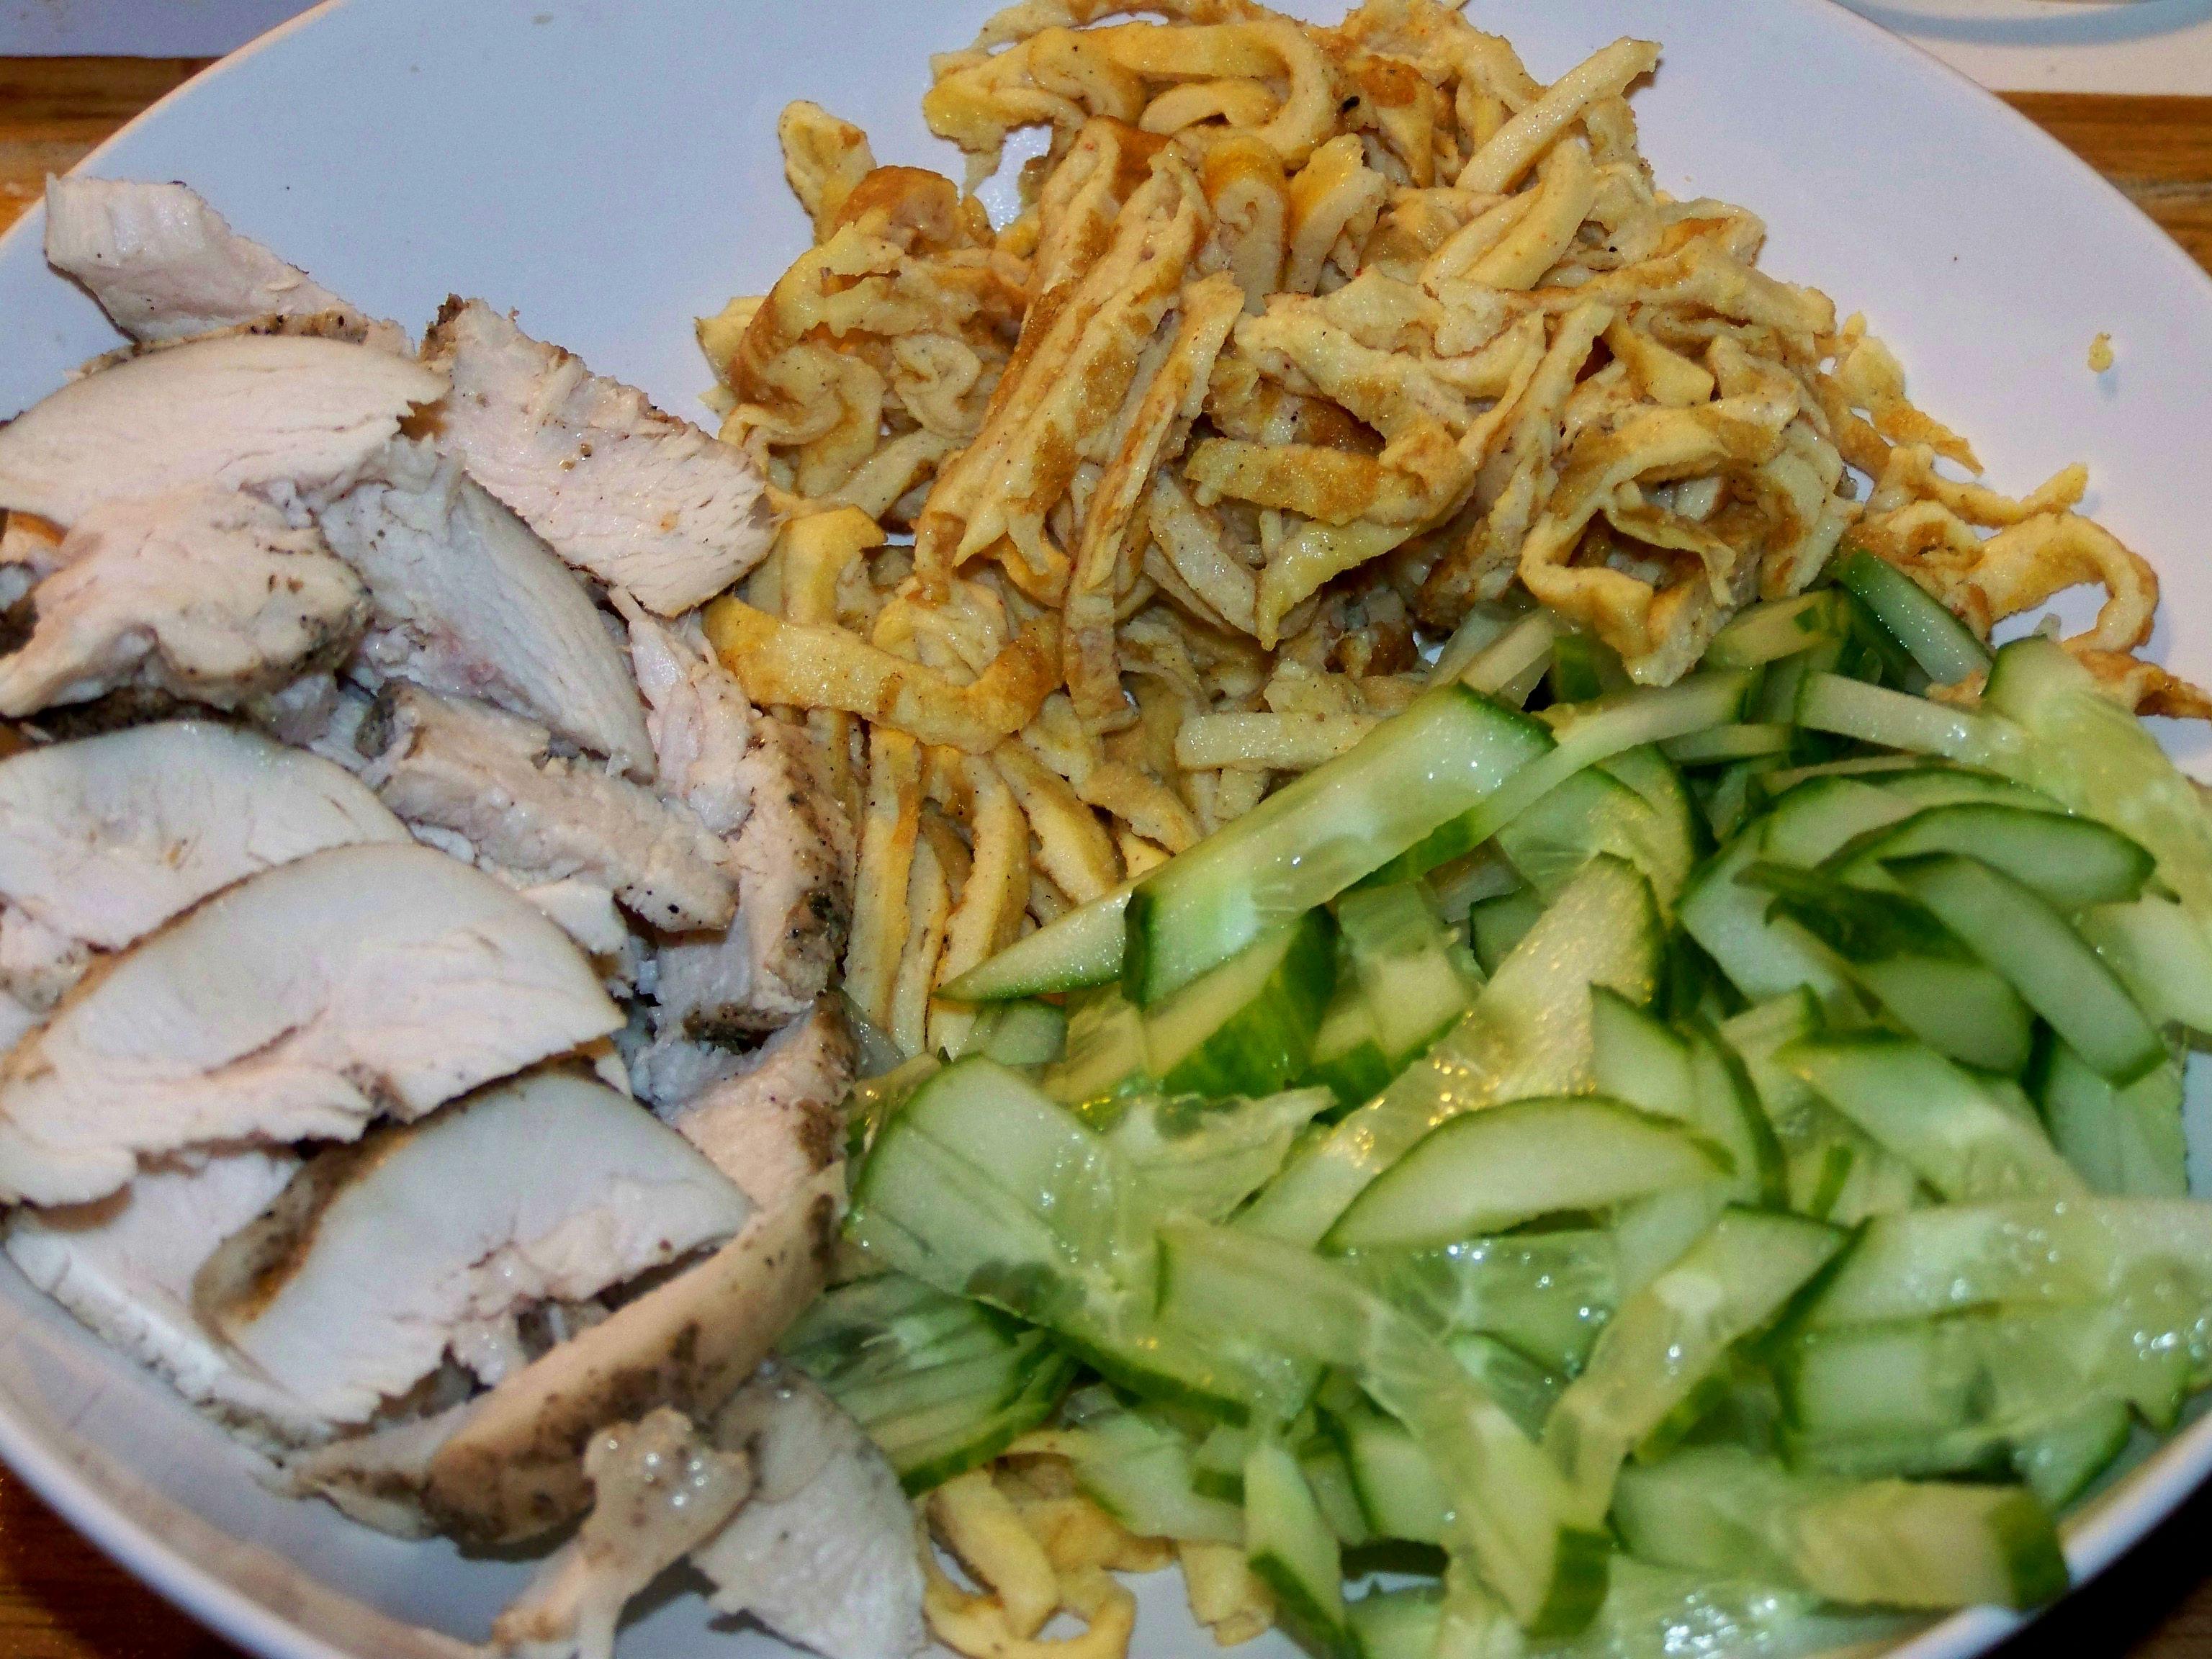 Салат с омлетом: вносим остроты и пестроты